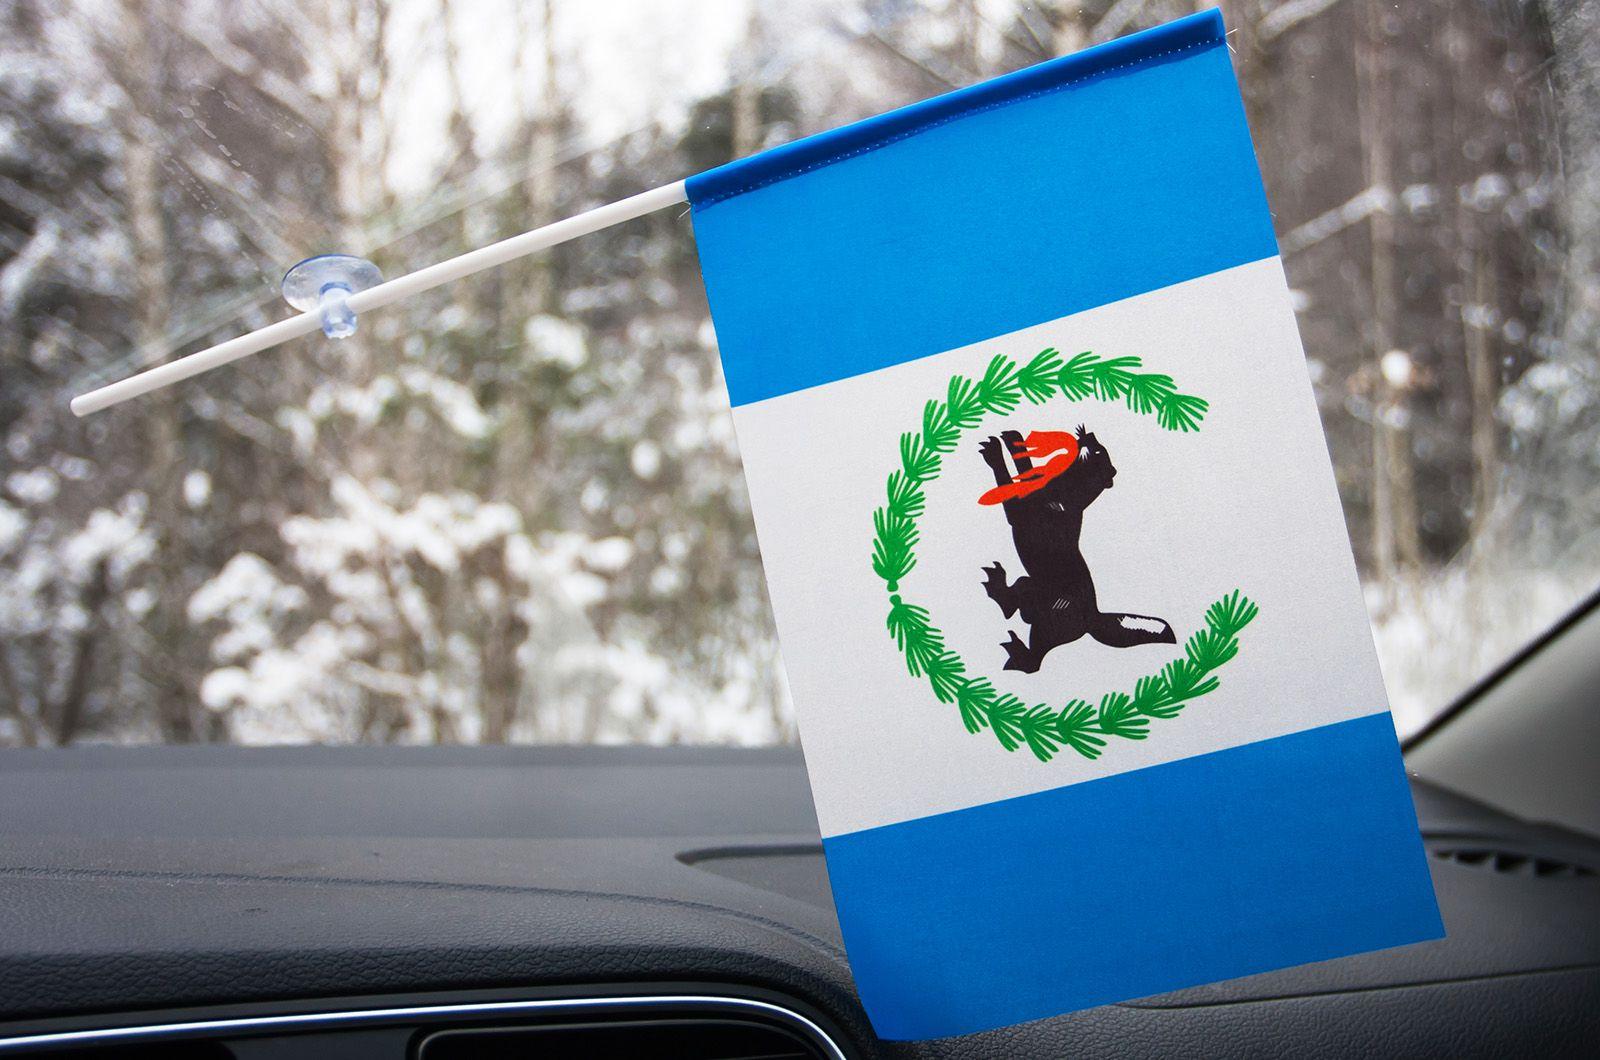 Флажок Иркутской области в машину